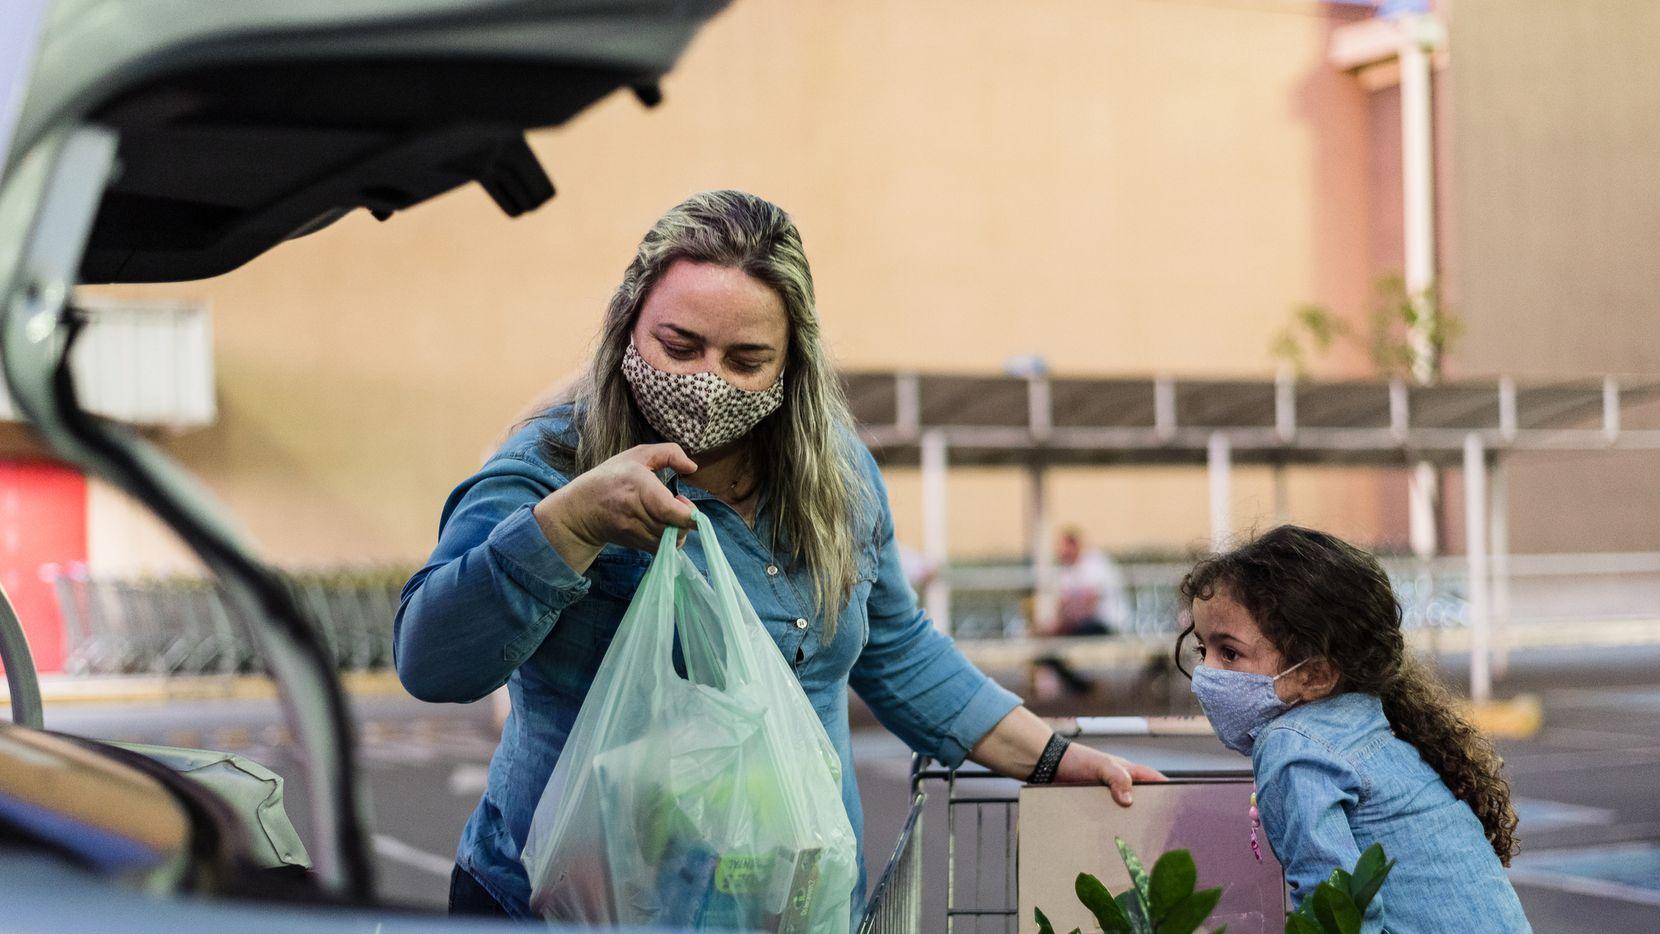 Las personas que reciben vales o estampillas de comida en su tarjeta SNAP continuarán recibiendo el apoyo extra de emergencia que el gobierno de Texas dio por la pandemia de covid-19 durante el mes de julio.